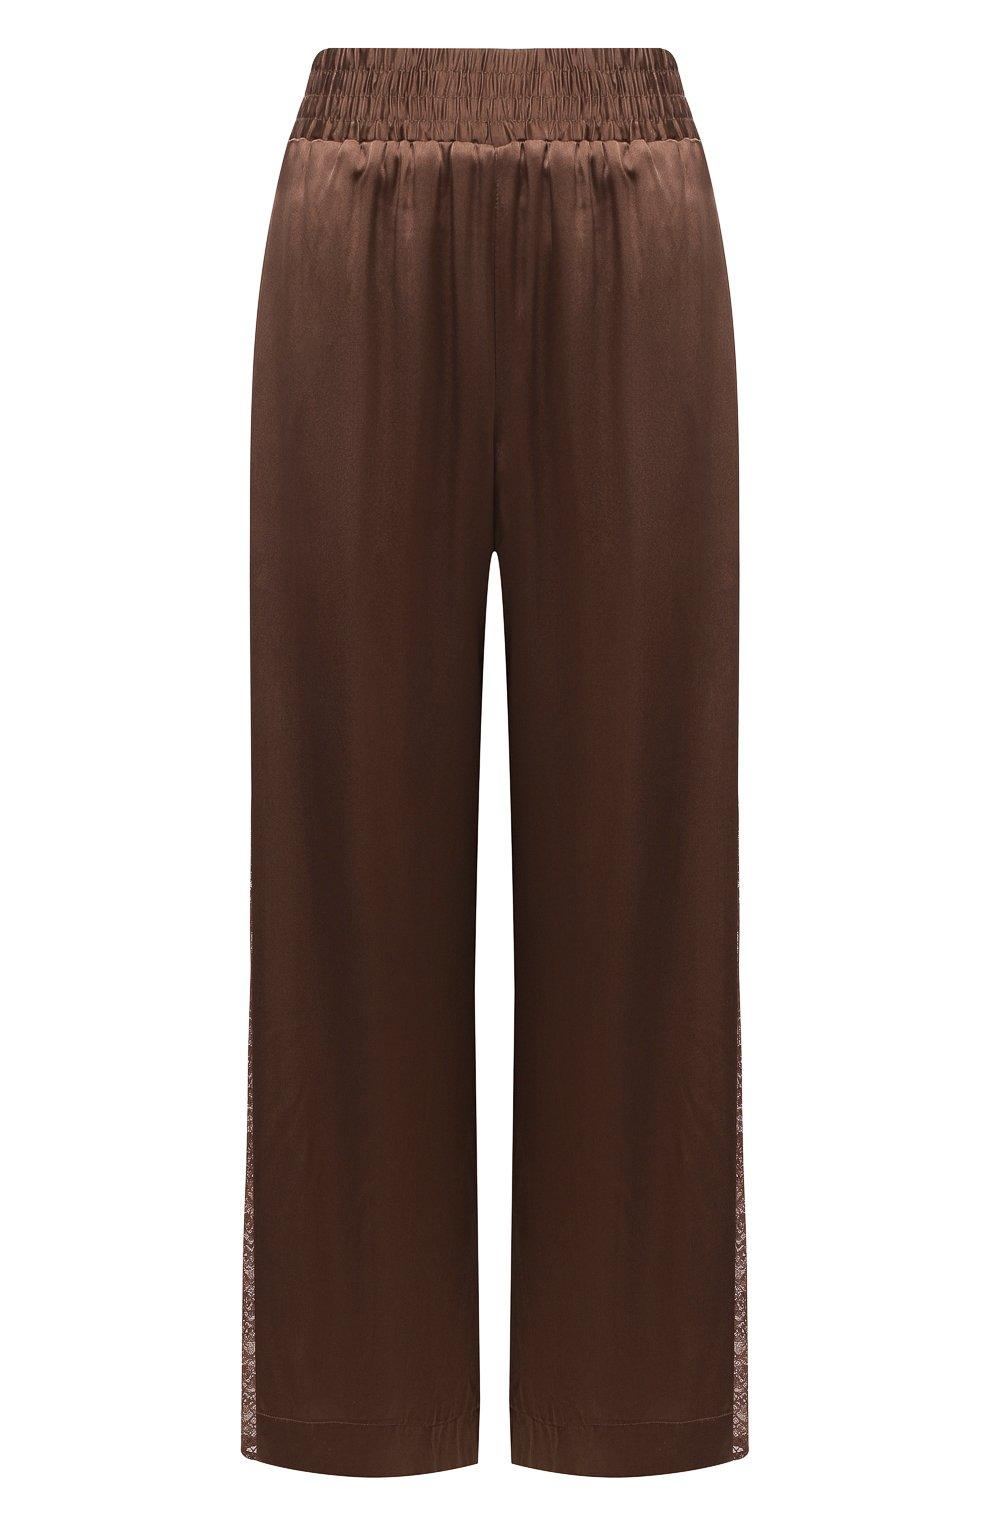 Женские шелковые брюки MAX&MOI коричневого цвета, арт. E21BRYA | Фото 1 (Силуэт Ж (брюки и джинсы): Широкие; Материал внешний: Шелк; Длина (брюки, джинсы): Стандартные; Женское Кросс-КТ: Брюки-одежда; Материал подклада: Вискоза; Стили: Романтичный)